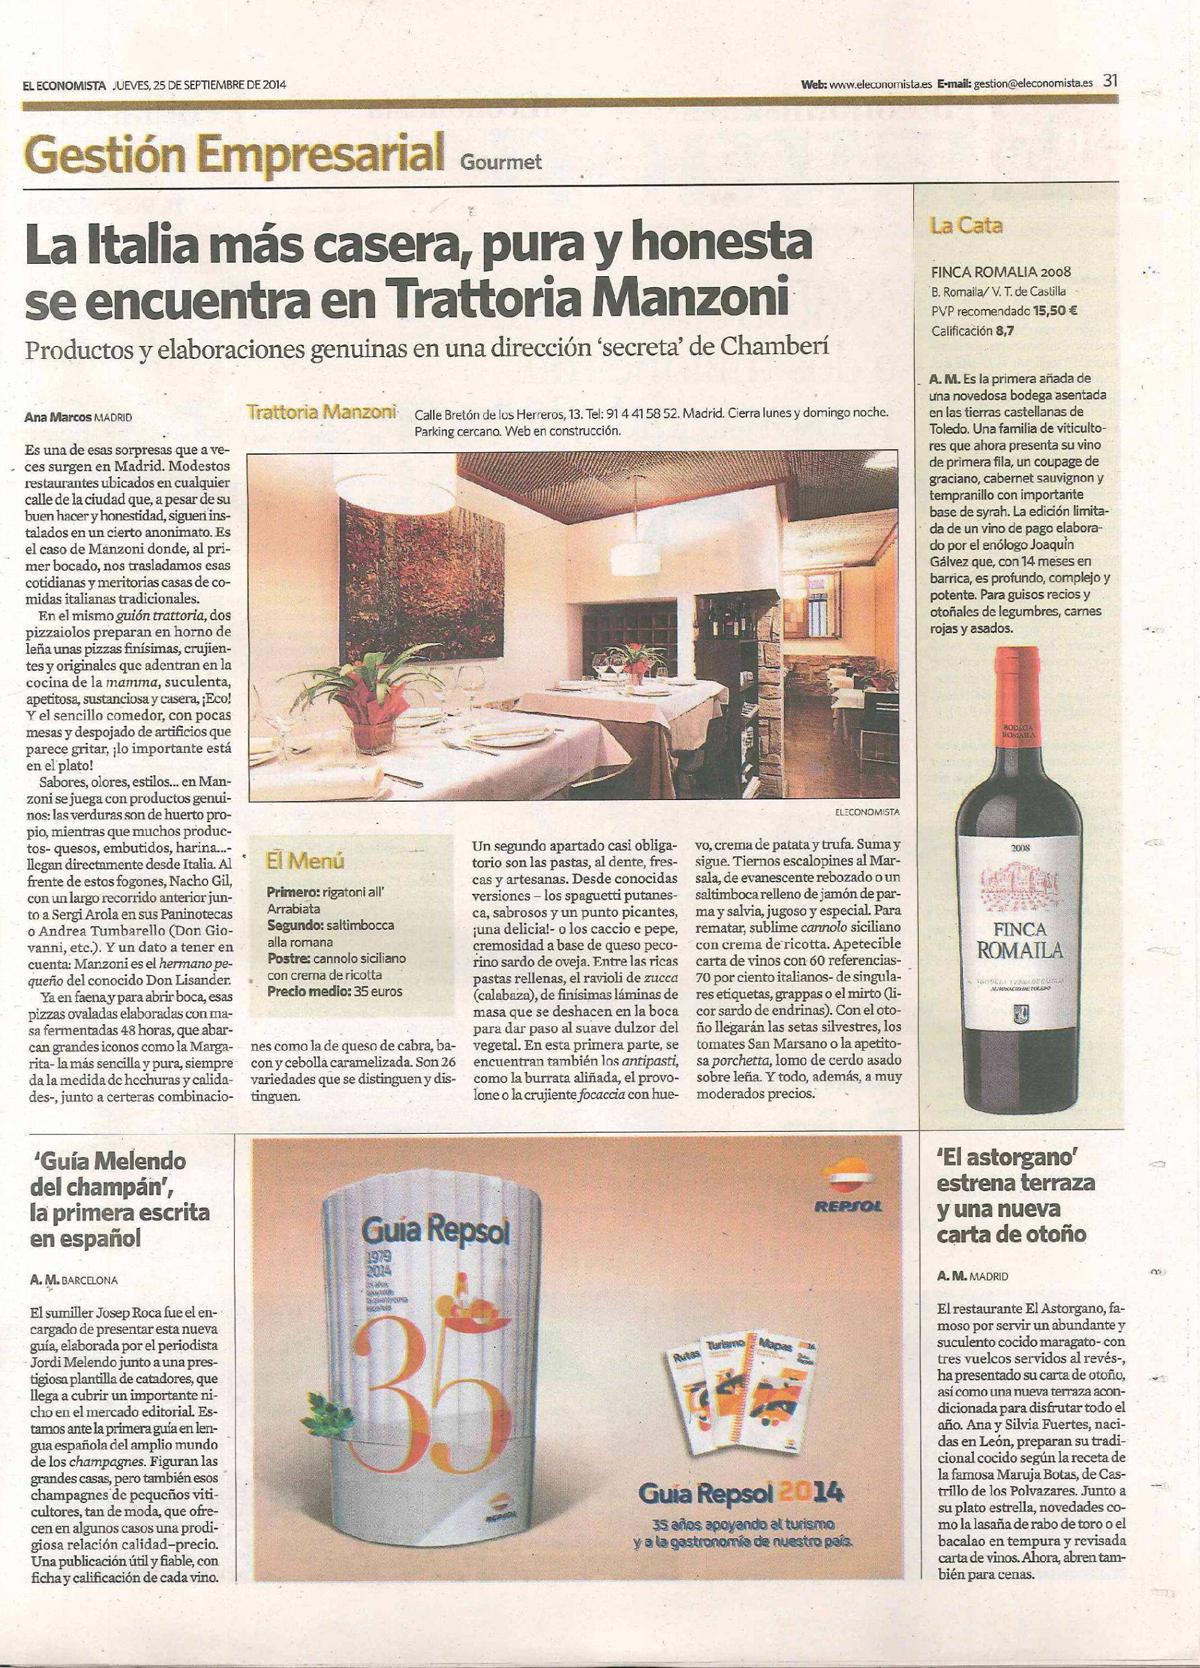 El Economista_25 septiembre 2014